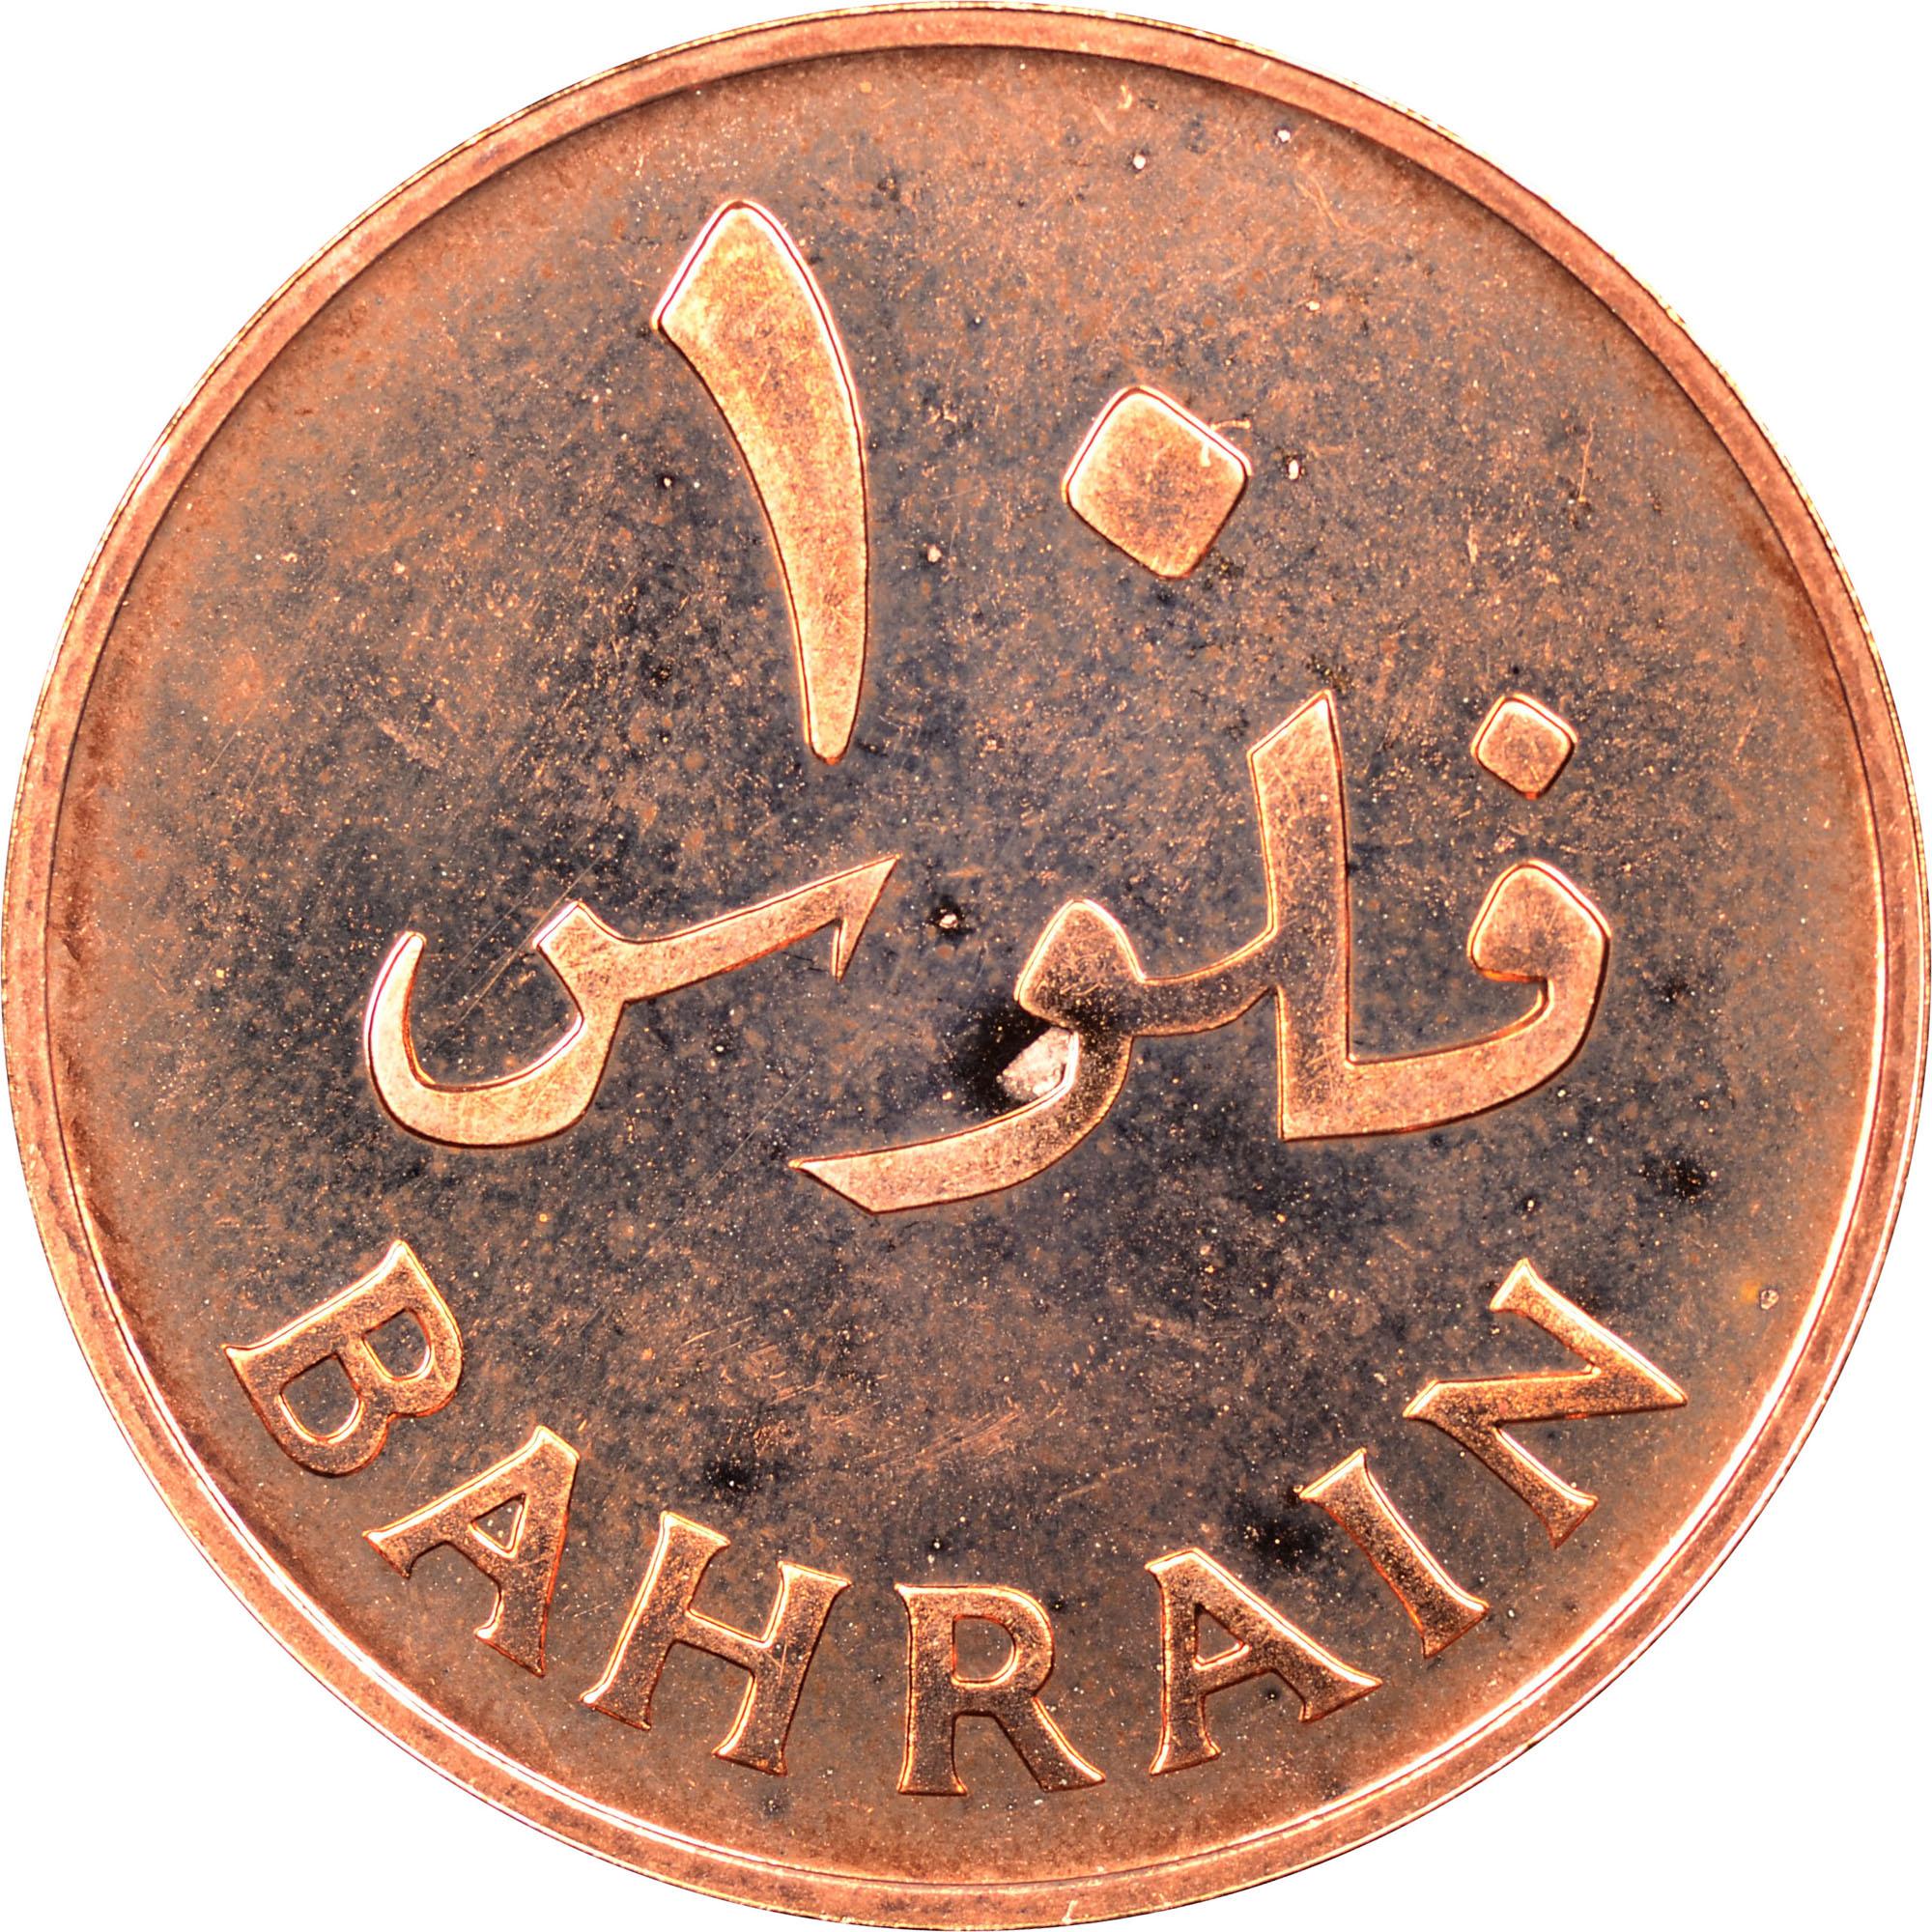 Bahrain 10 Fils reverse